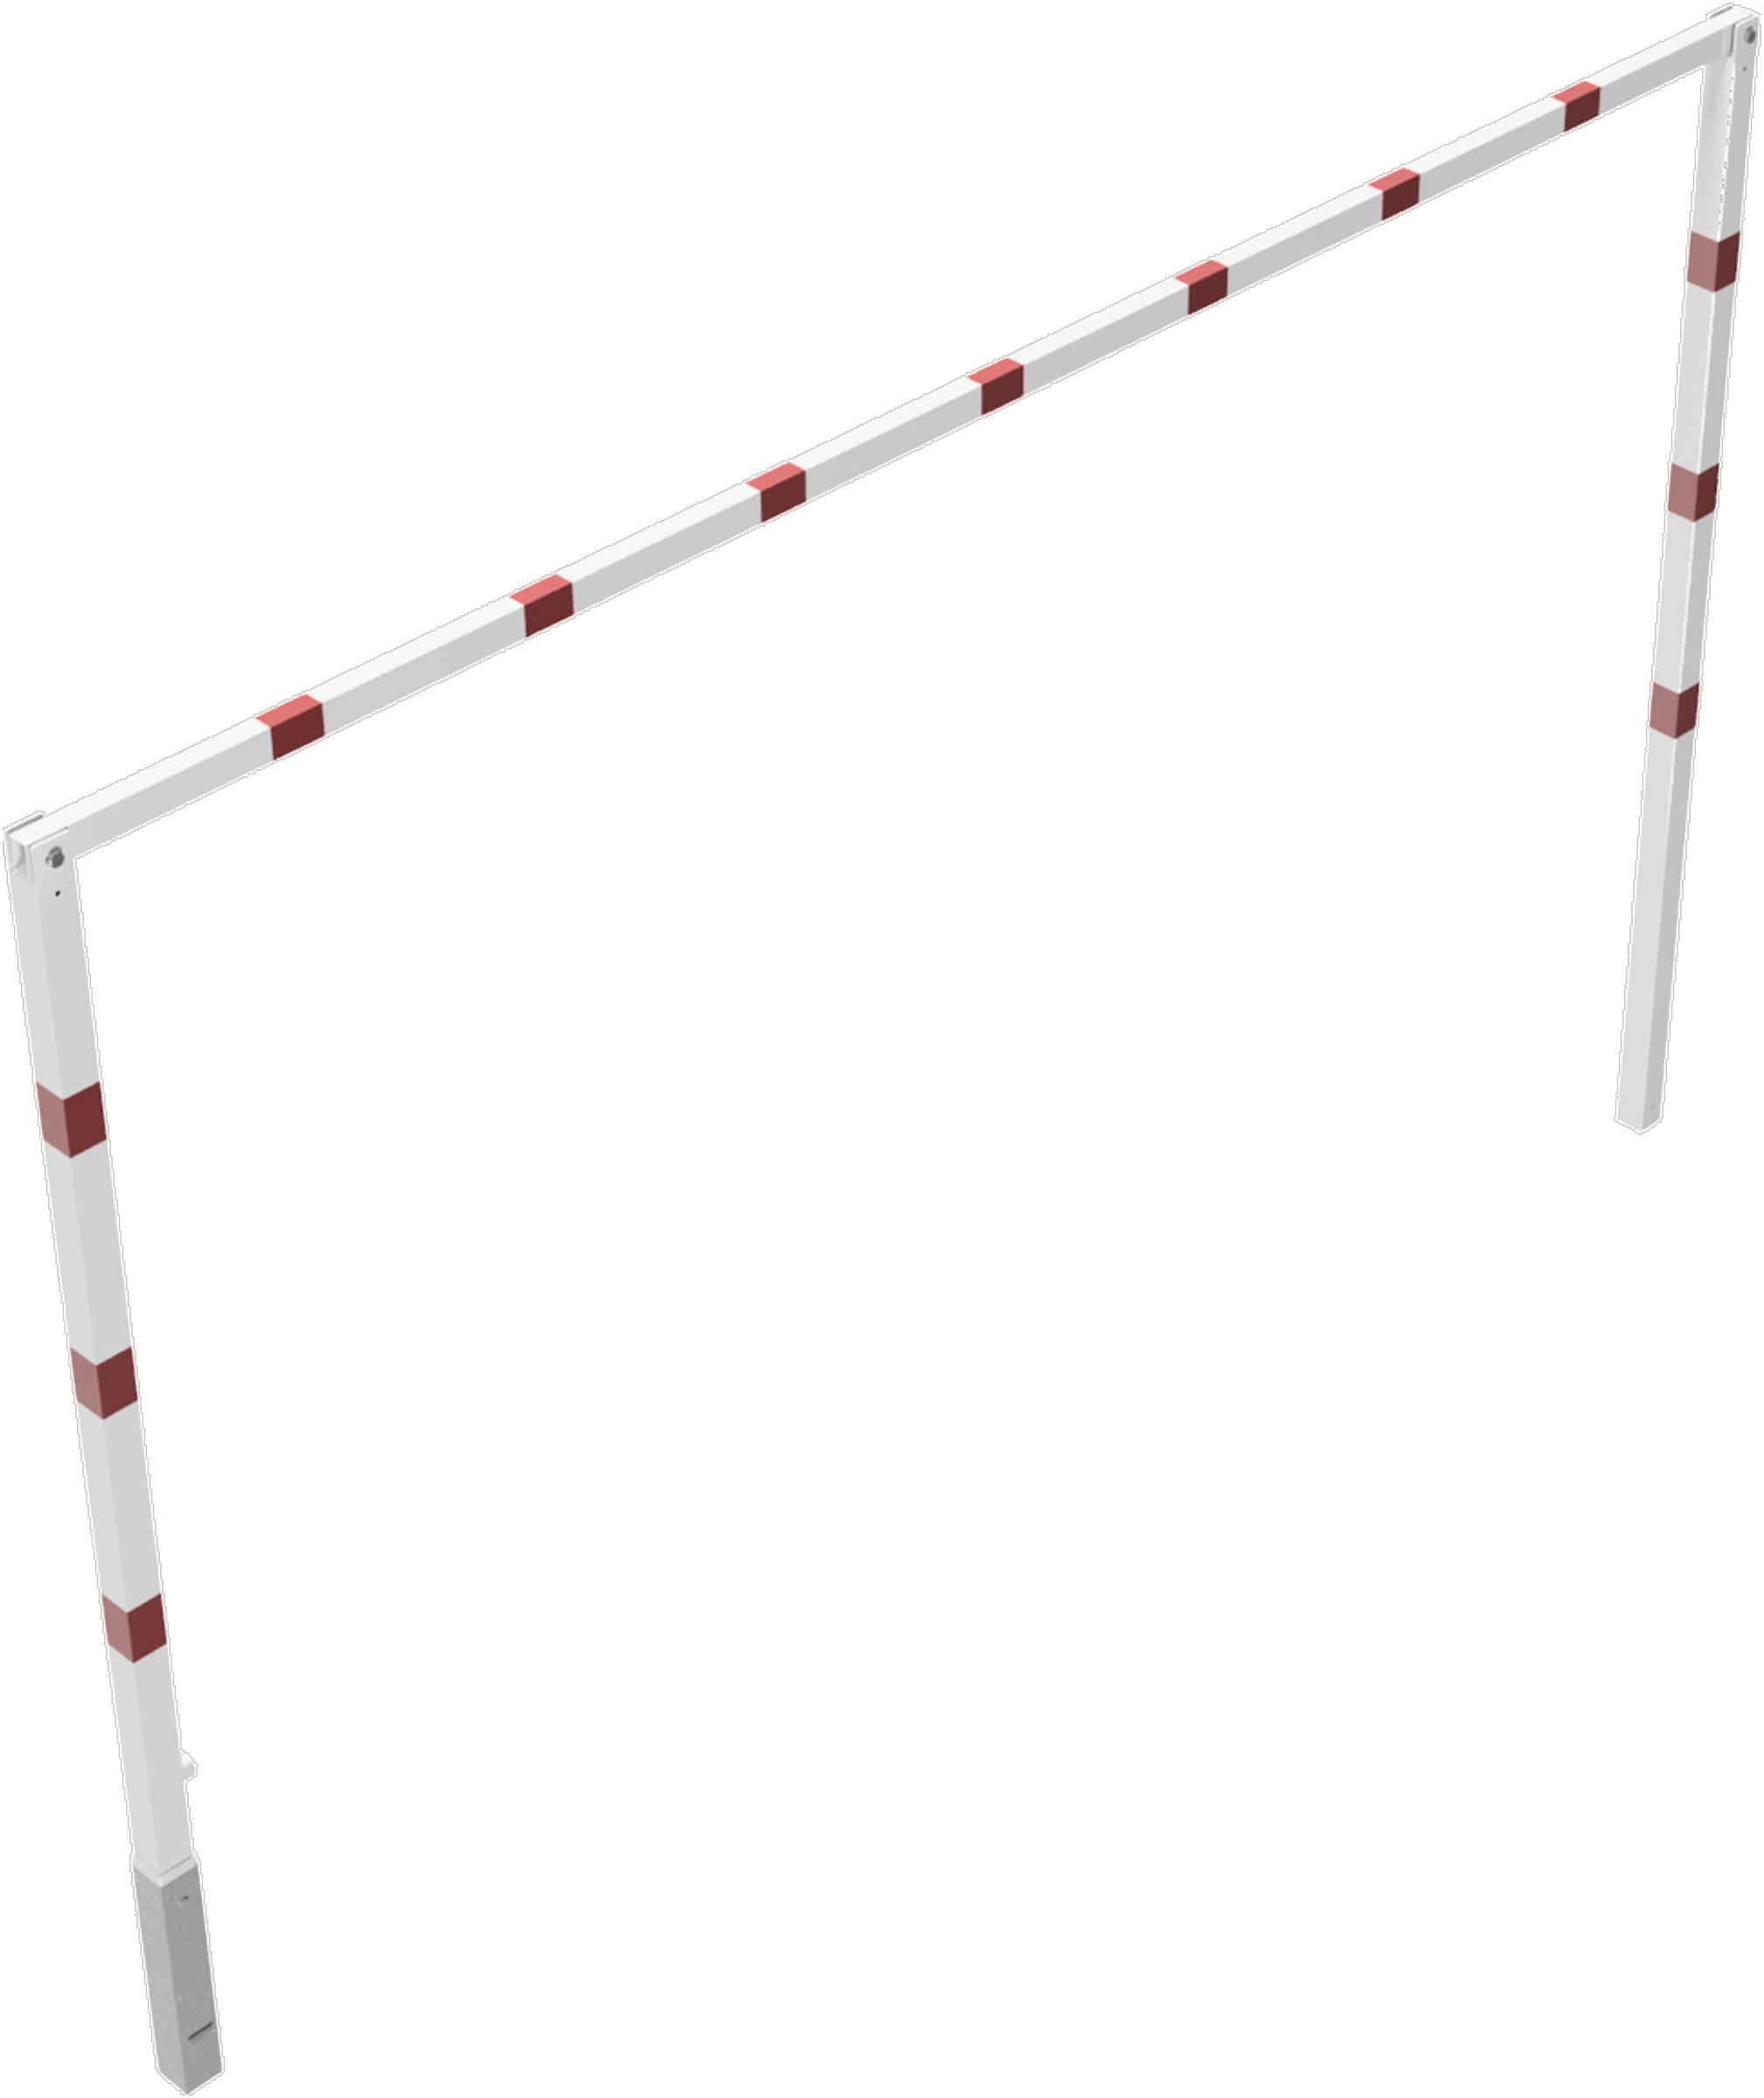 Schake Höhenbegrenzer - 2 Standpfosten Stahl 70 x 70 mm weiß | rot